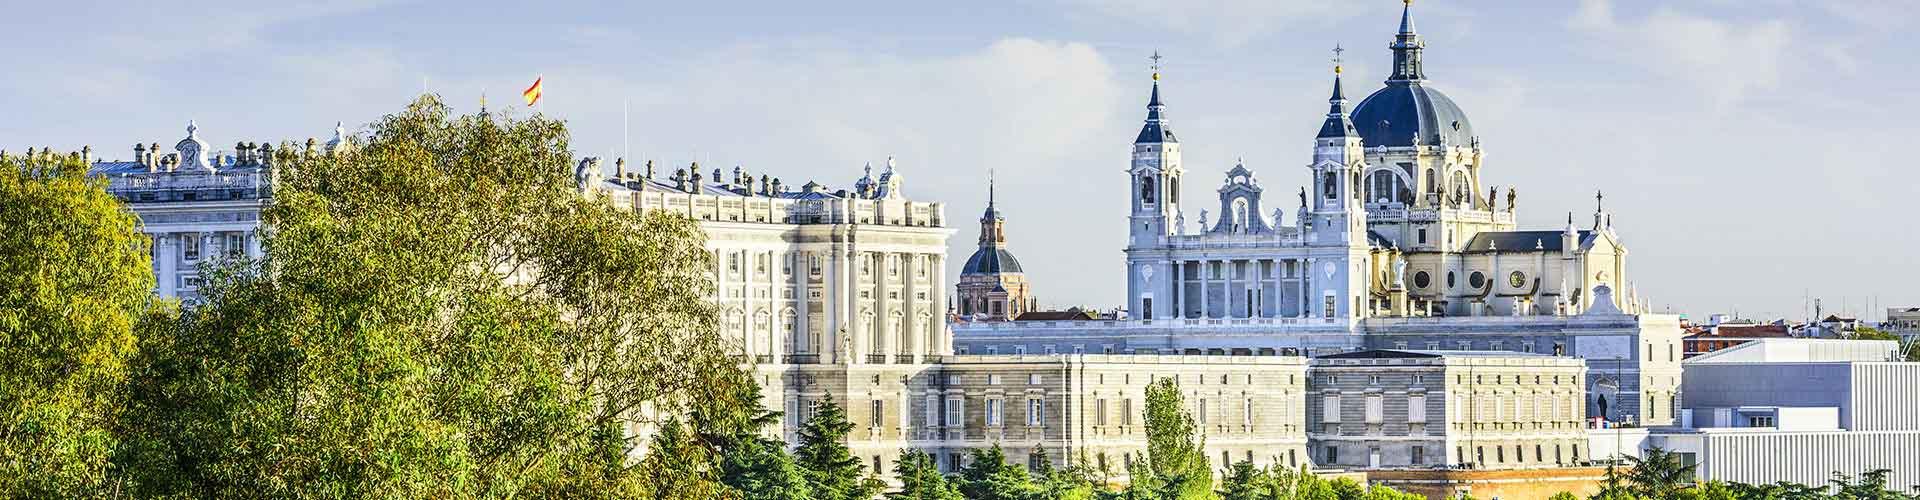 Madryt - Hostele w mieście: Madryt, Mapy: Madryt, Zdjęcia i Recenzje dla każdego hostelu w mieście Madryt.